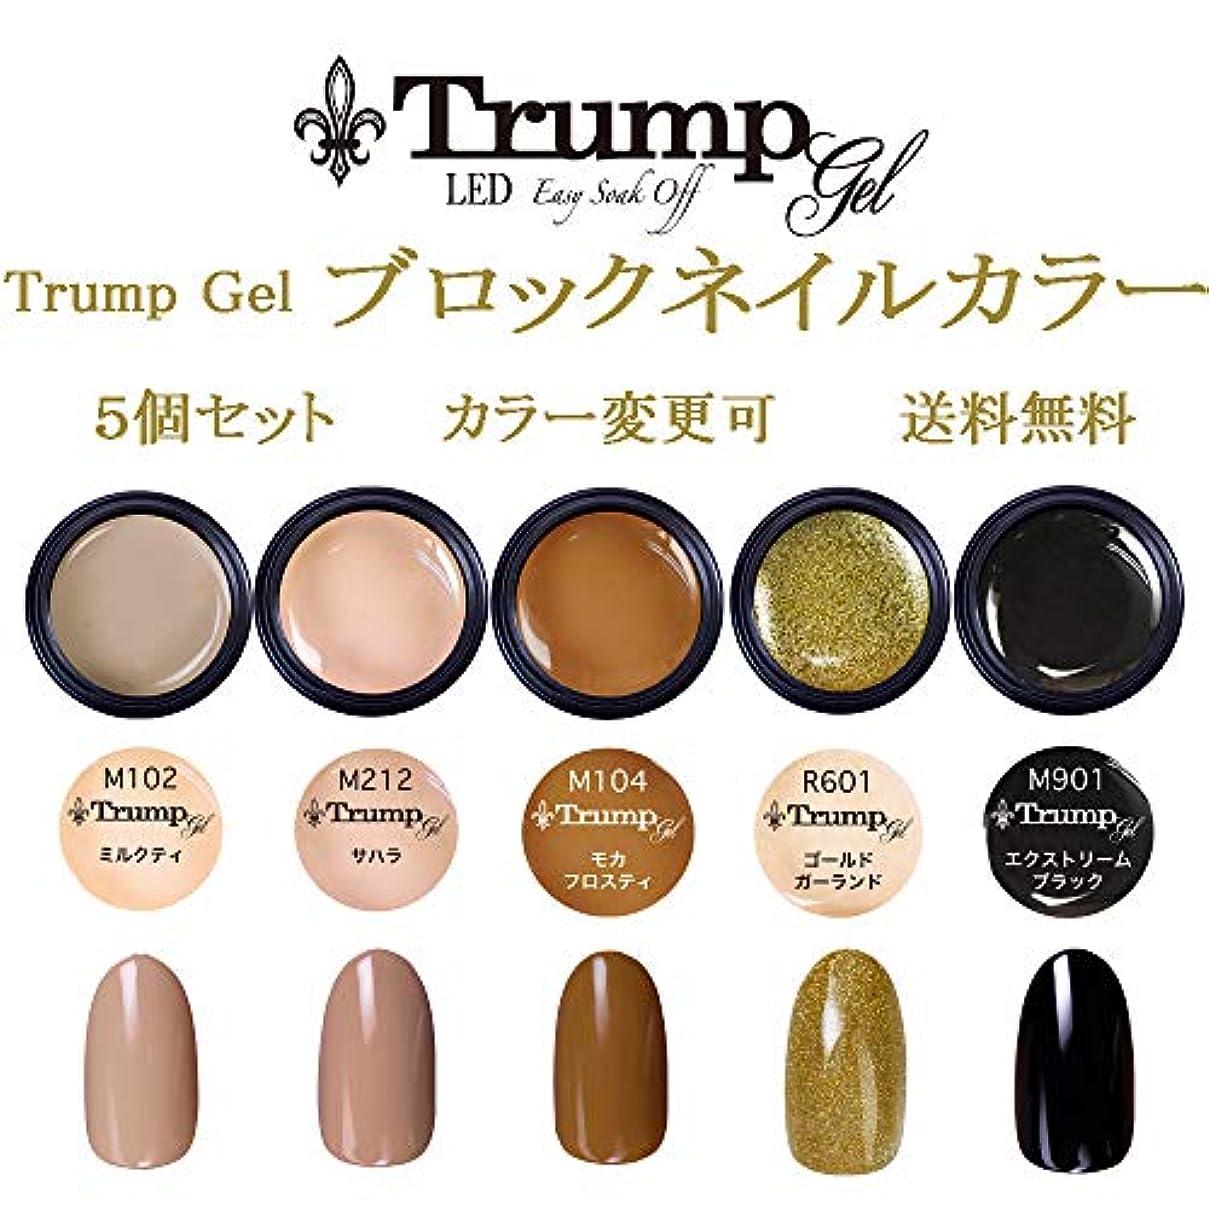 レコーダー討論コイン日本製 Trump gel トランプジェル ブロックネイル 選べる カラージェル 5個セット ゴールド ラメ ブラウン ブラック ピンク ベージュ